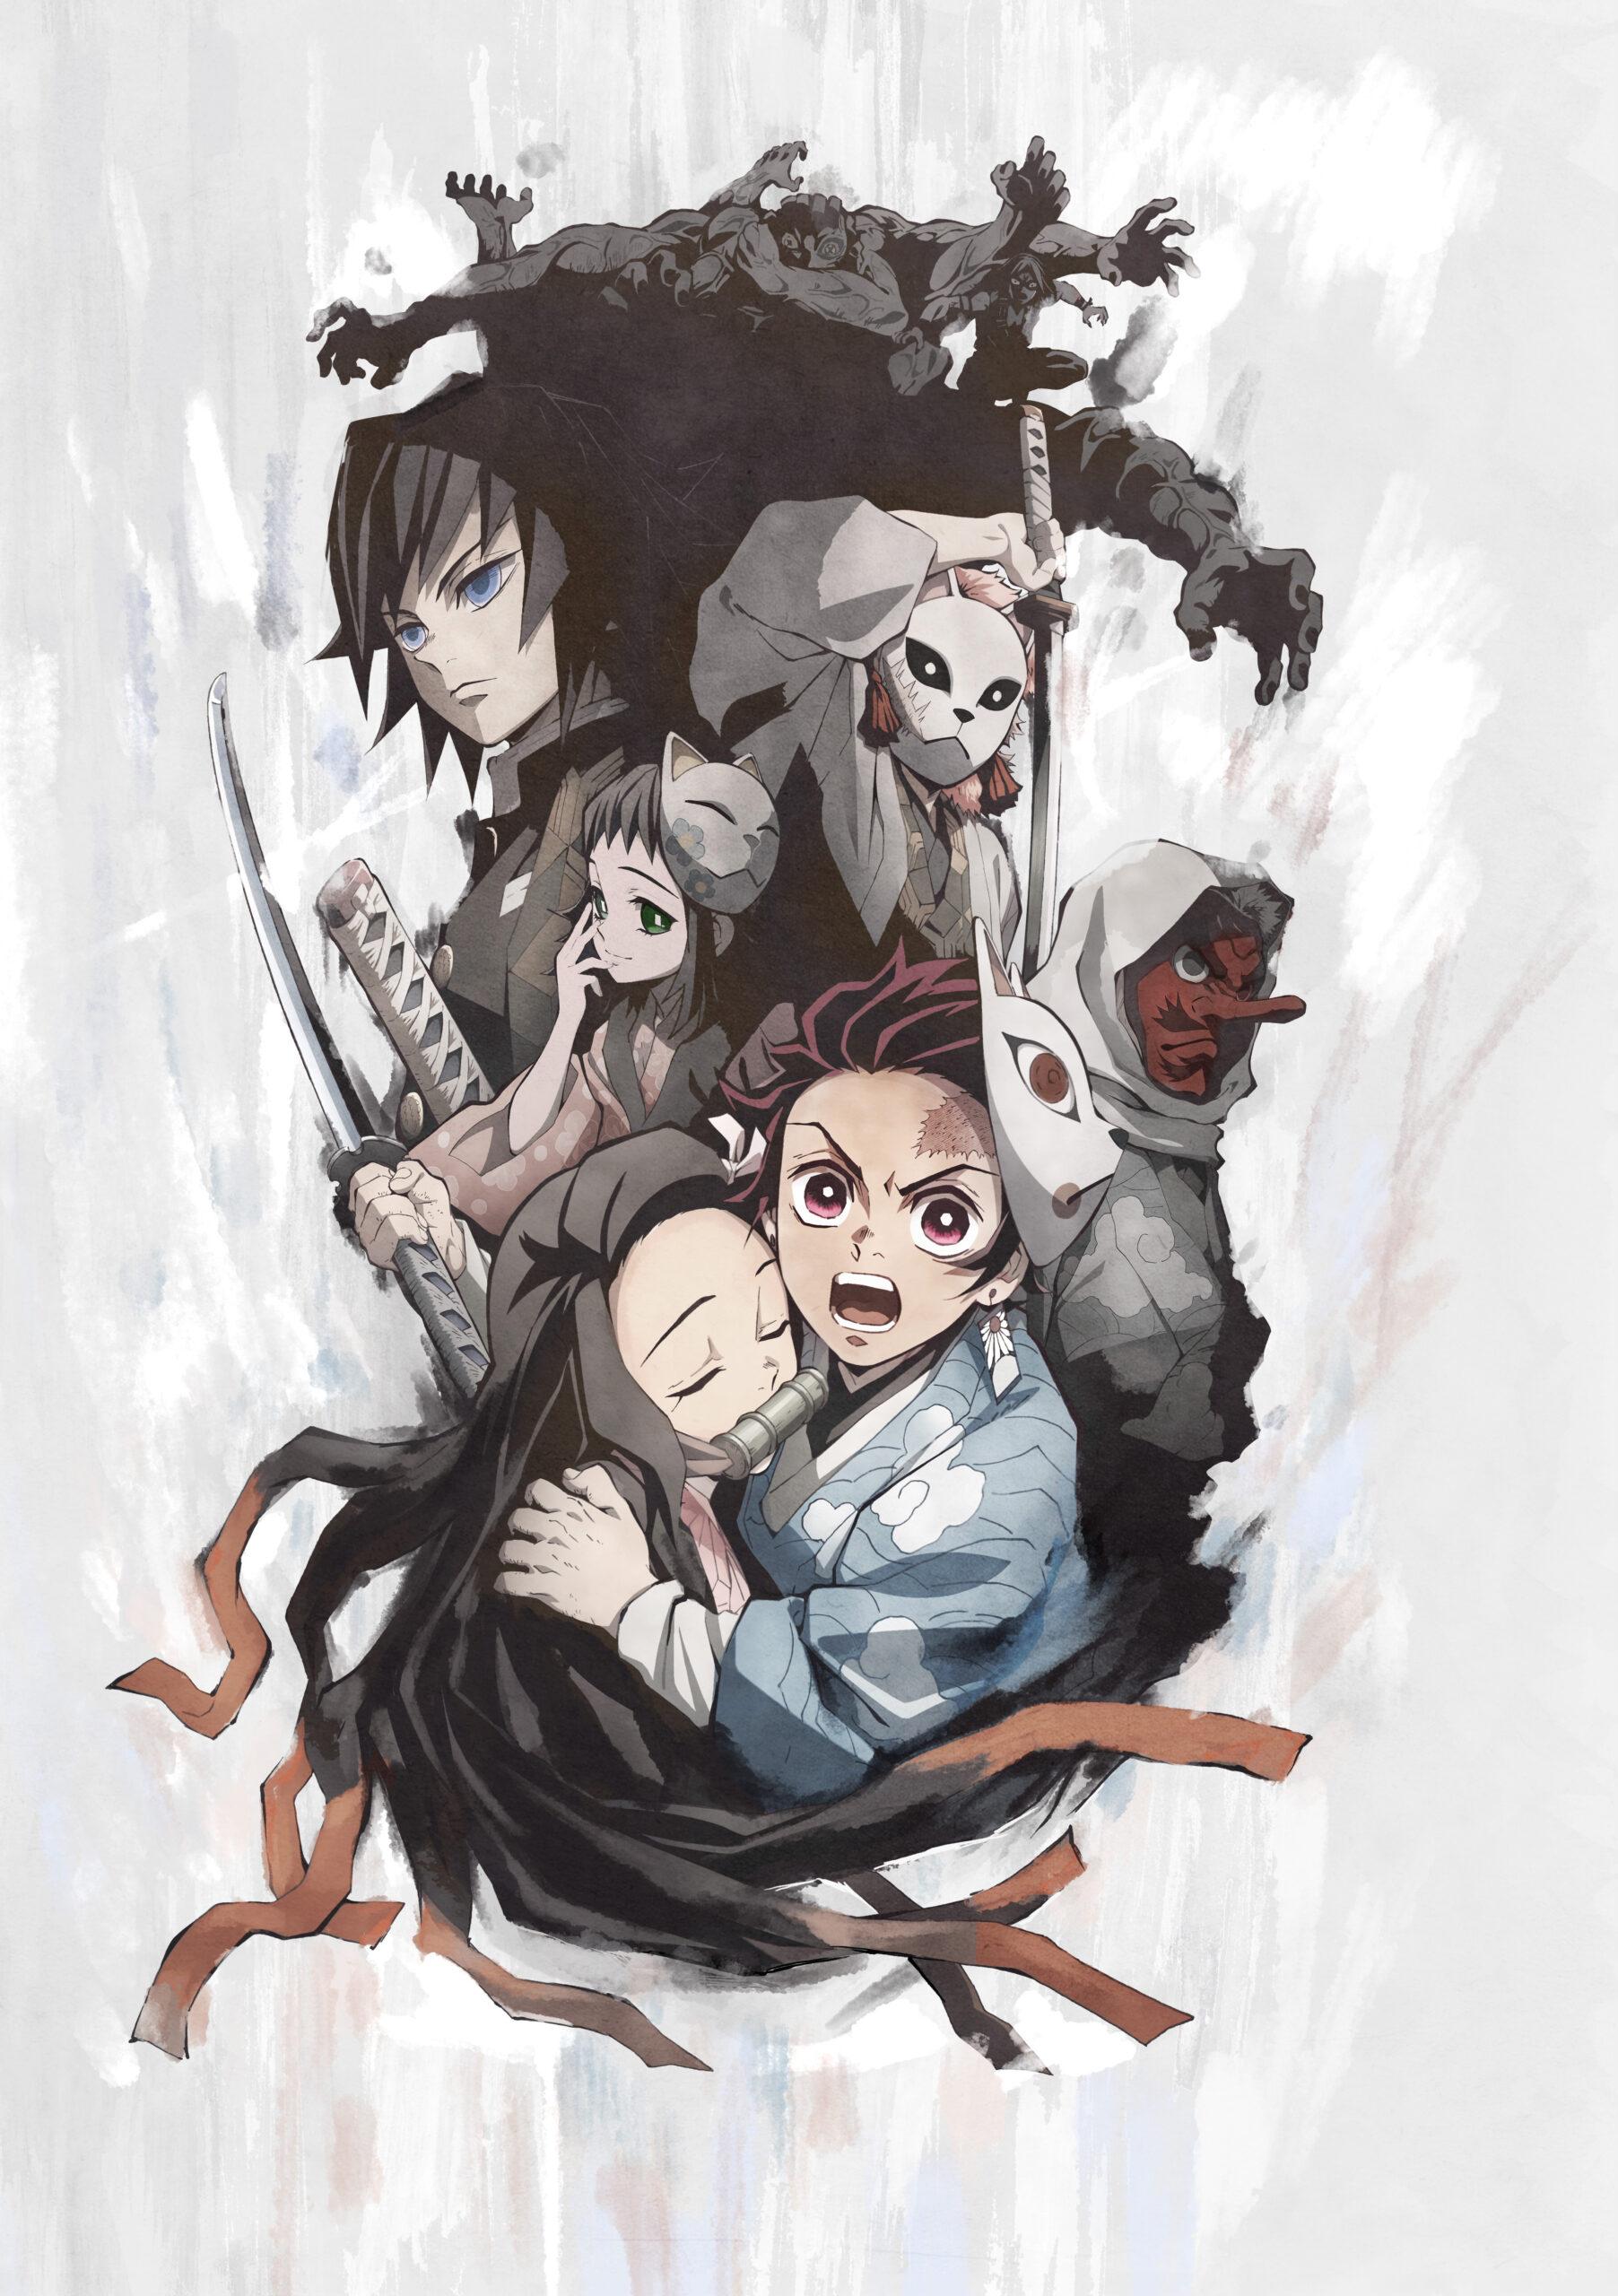 demon-slayer-full-wallpaper